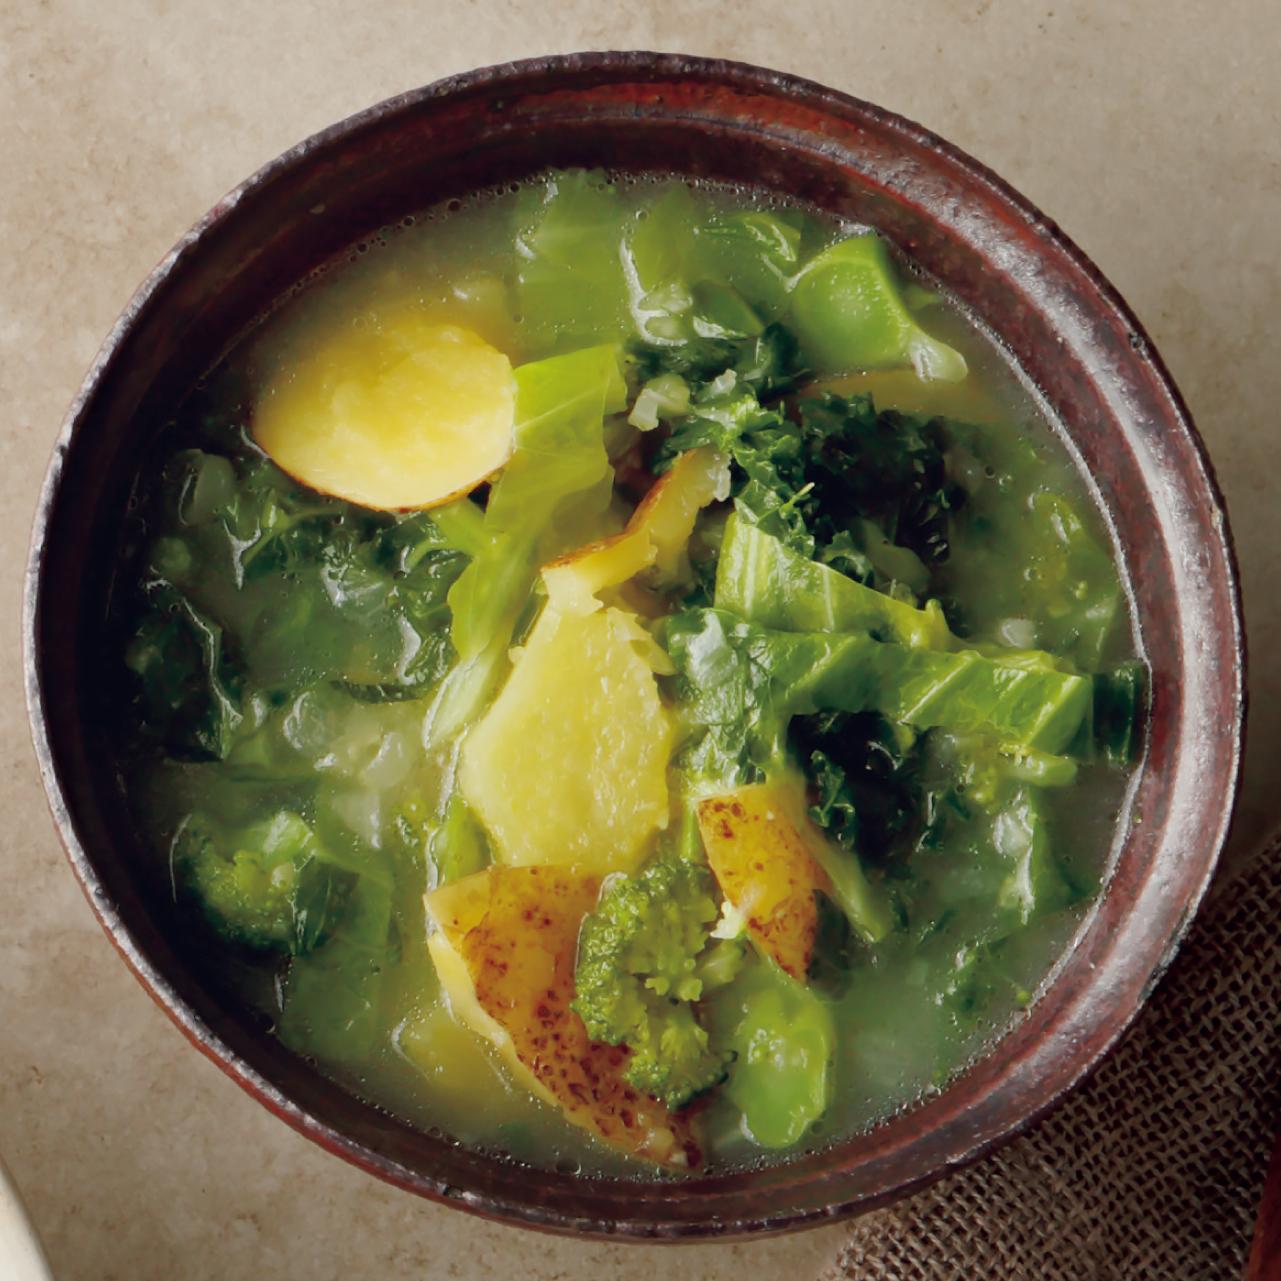 アブラナ科野菜のスープ